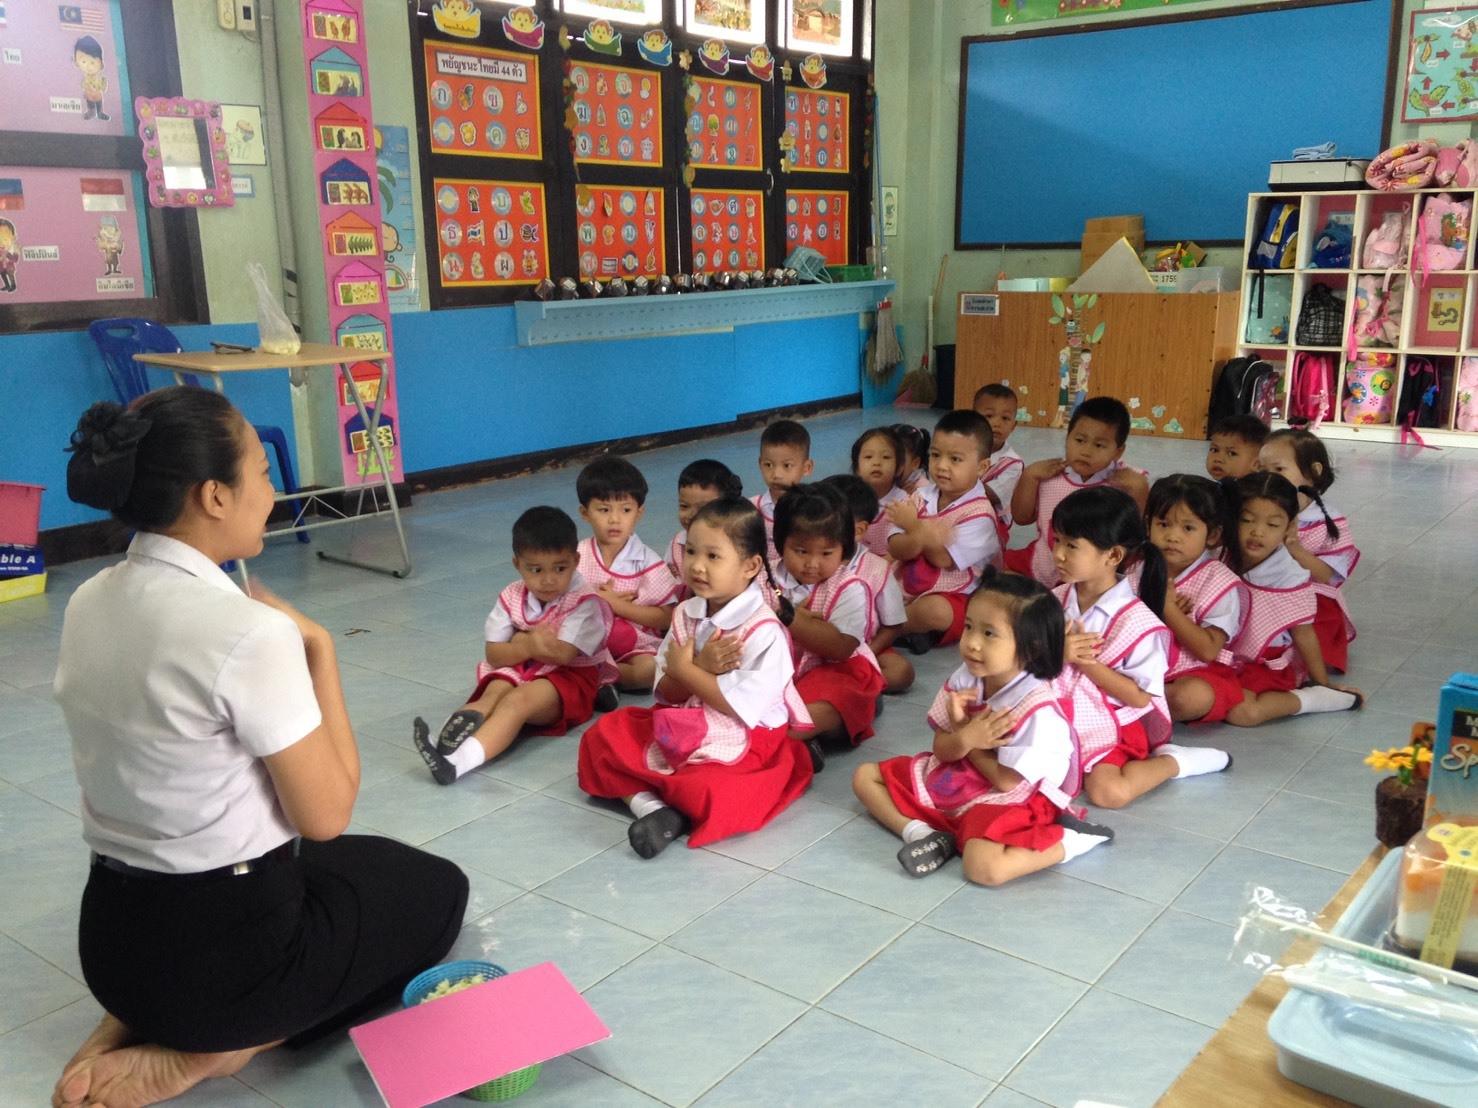 อาจารย์ประจำหลักสูตรการศึกษาปฐมวัย มสด.นครนายก ออกนิเทศนักศึกษาฝึกประสบการณ์ชั้นปีที่ 5